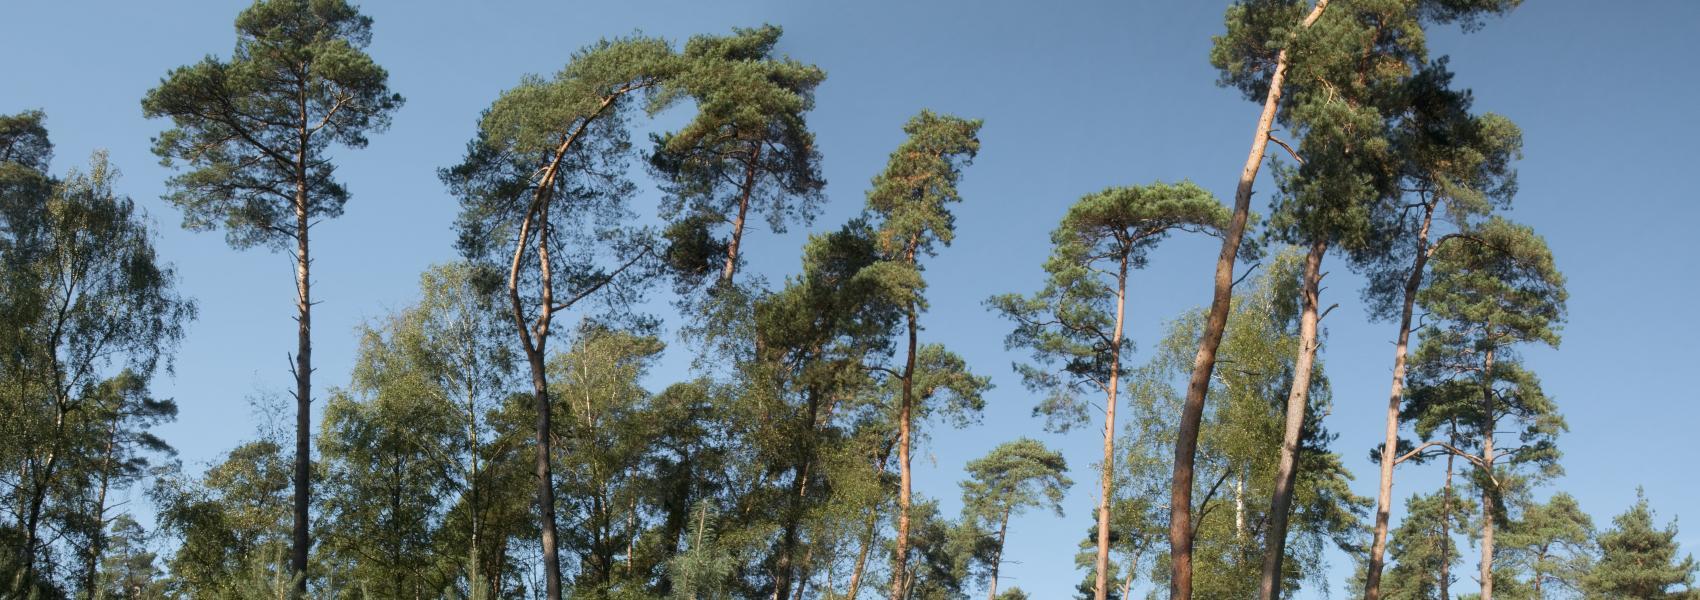 zicht op een bomenrij